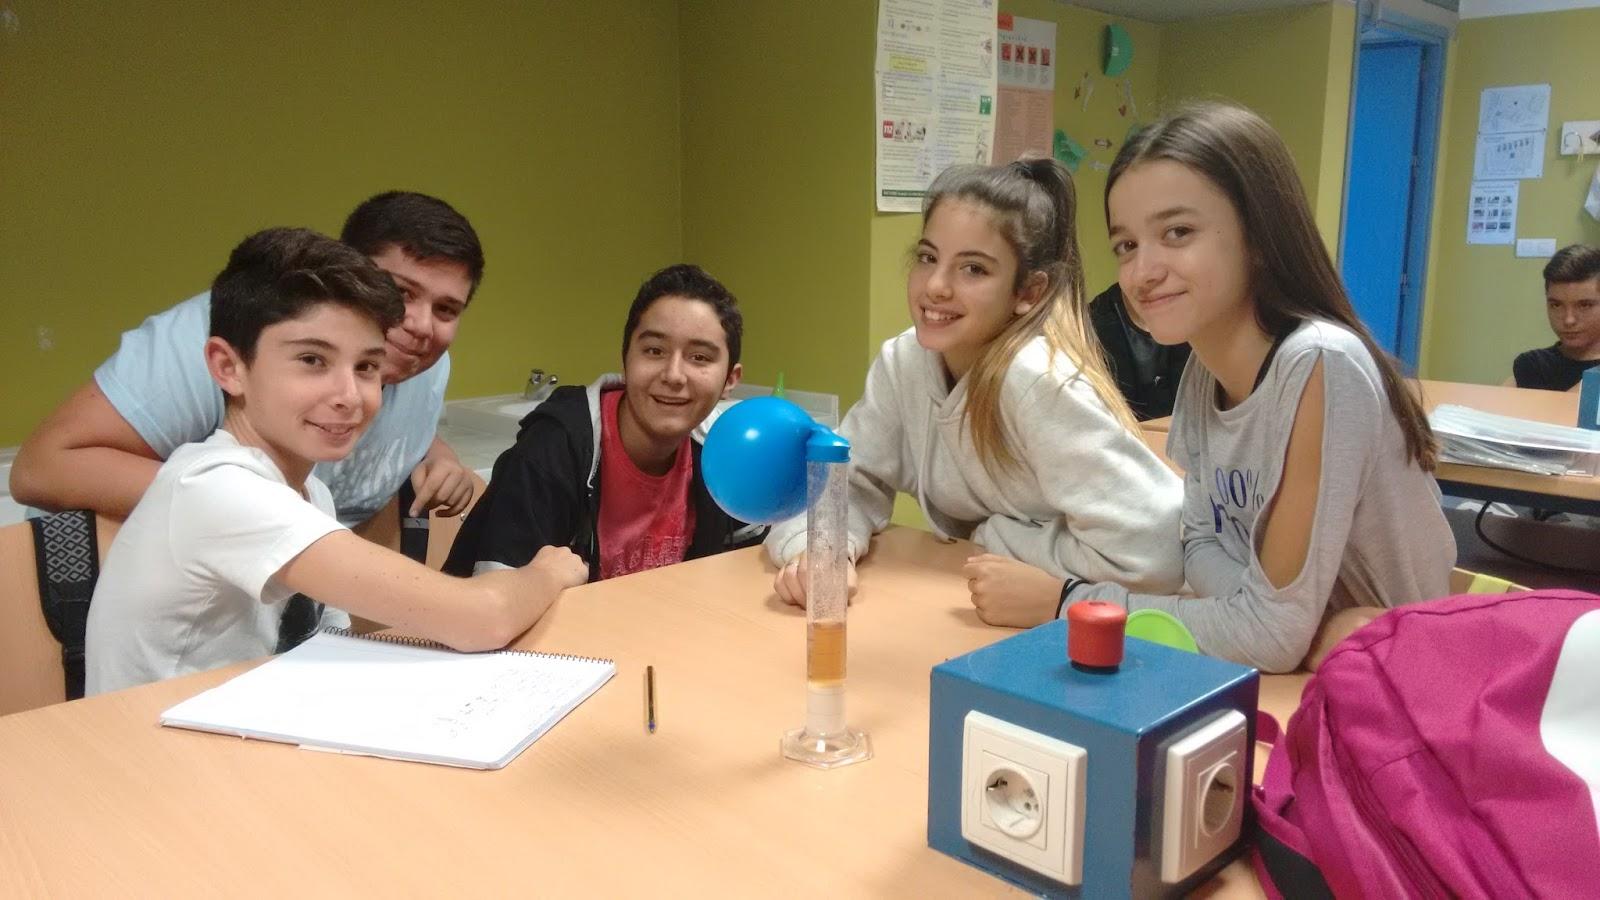 experiencia de laboratorio inflar un globo por la accin de una reaccin qumica - Tabla Periodica De Los Elementos Quimicos Galilei